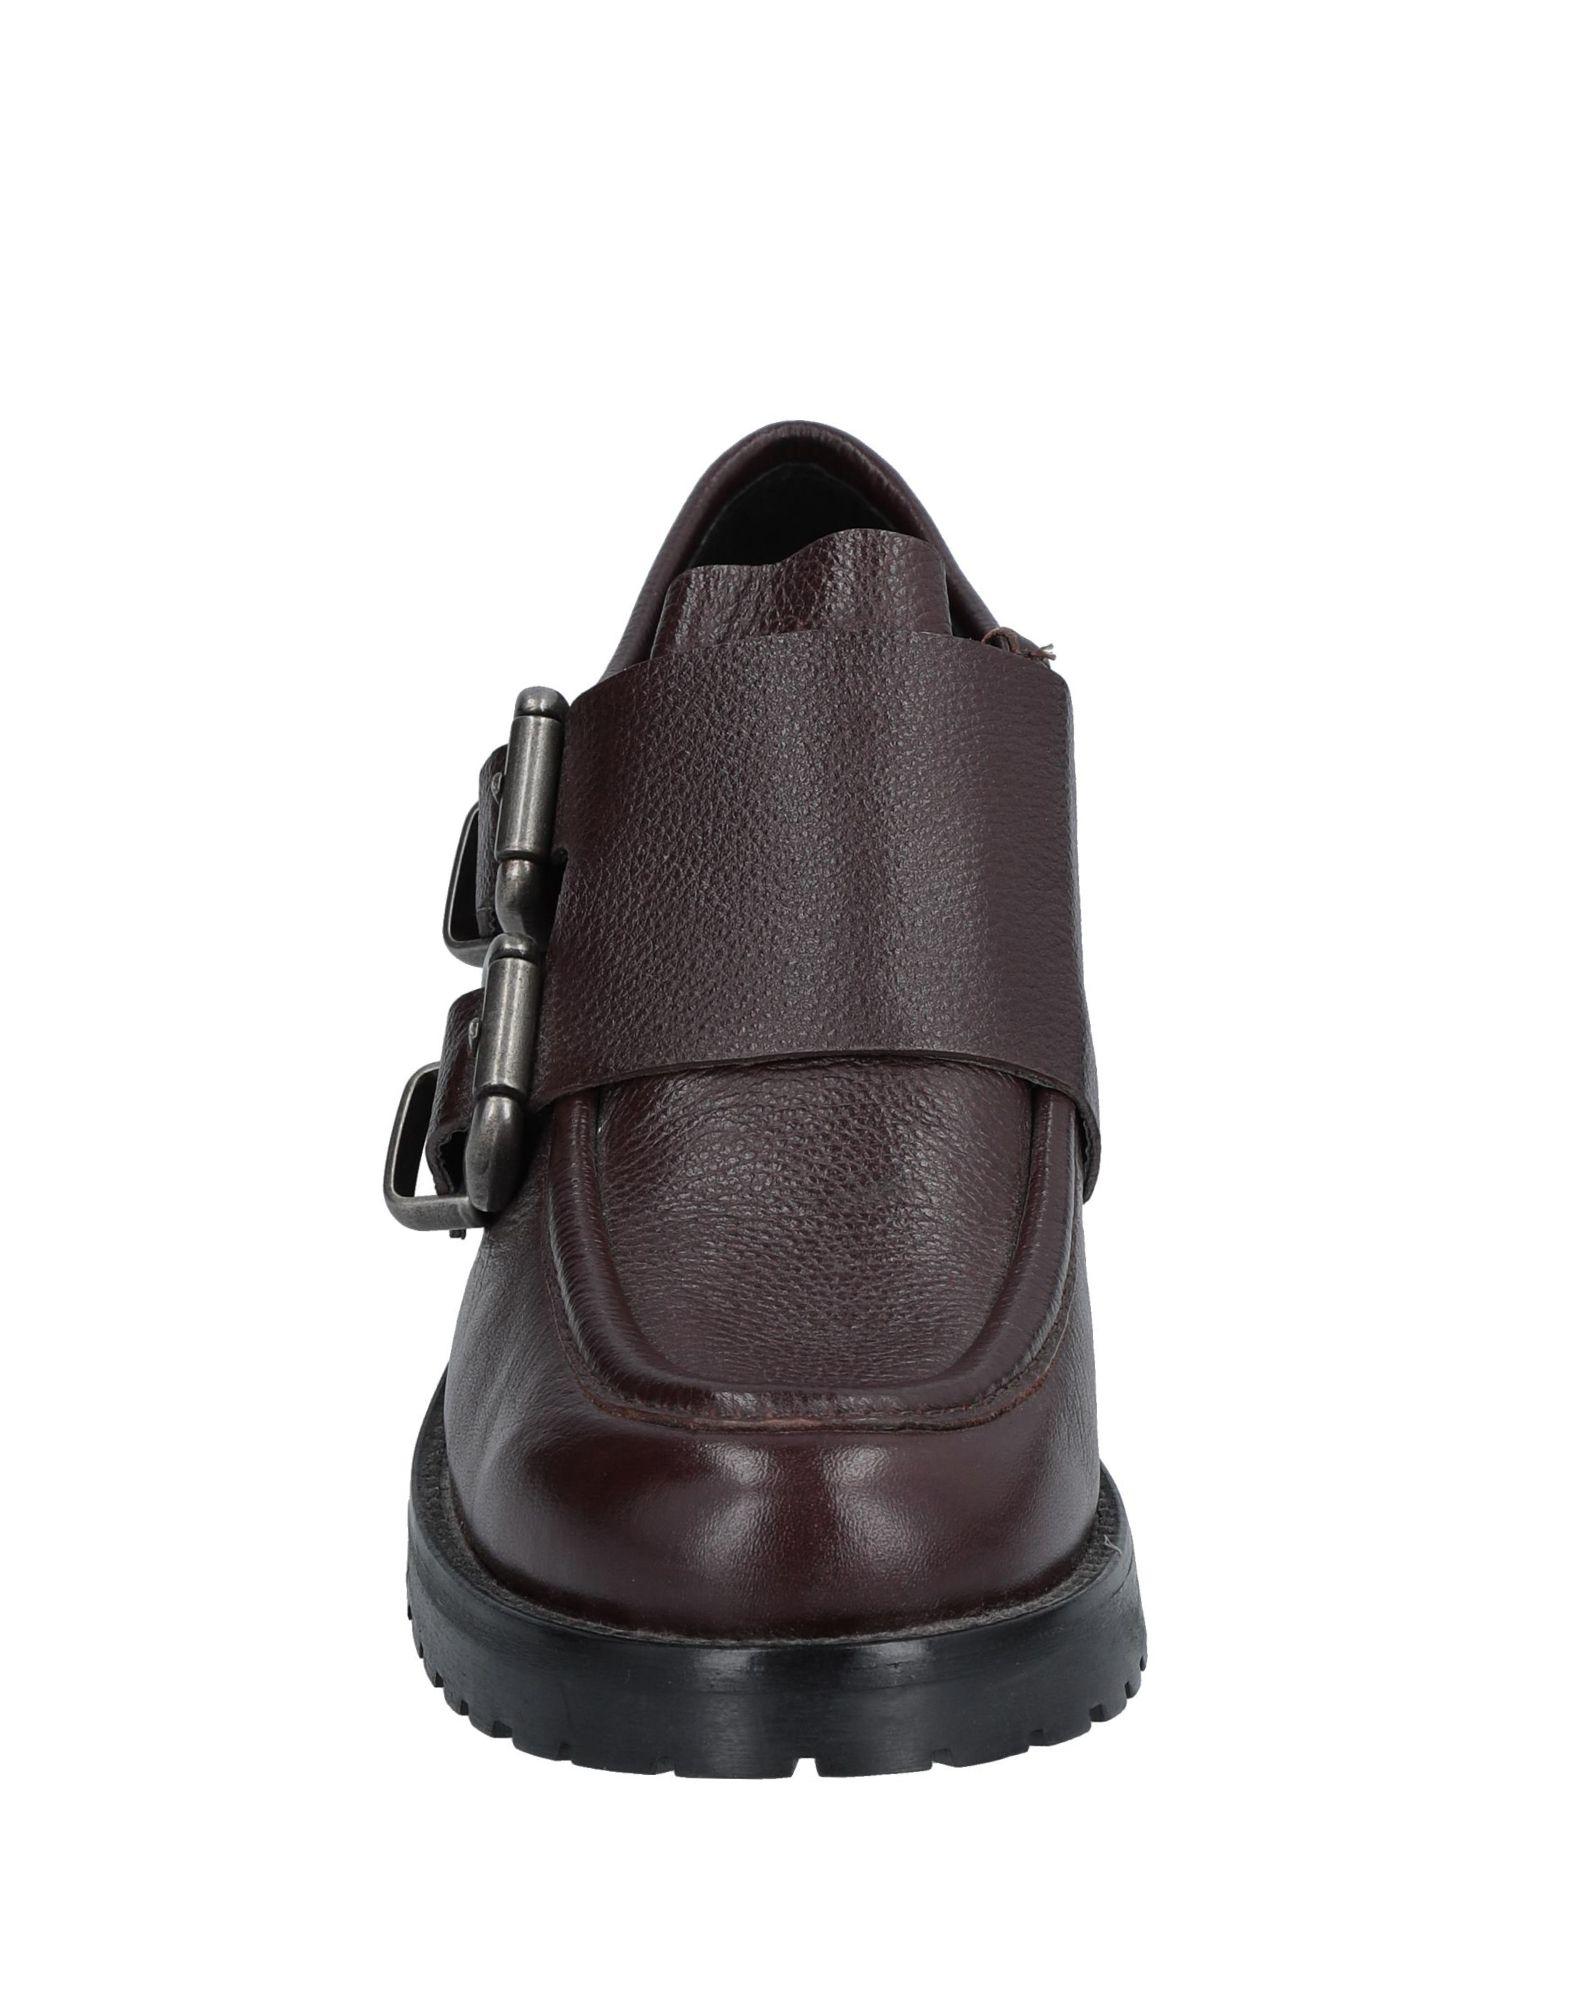 Vivien Lee Mokassins Damen    11532476IL Gute Qualität beliebte Schuhe e5d11e